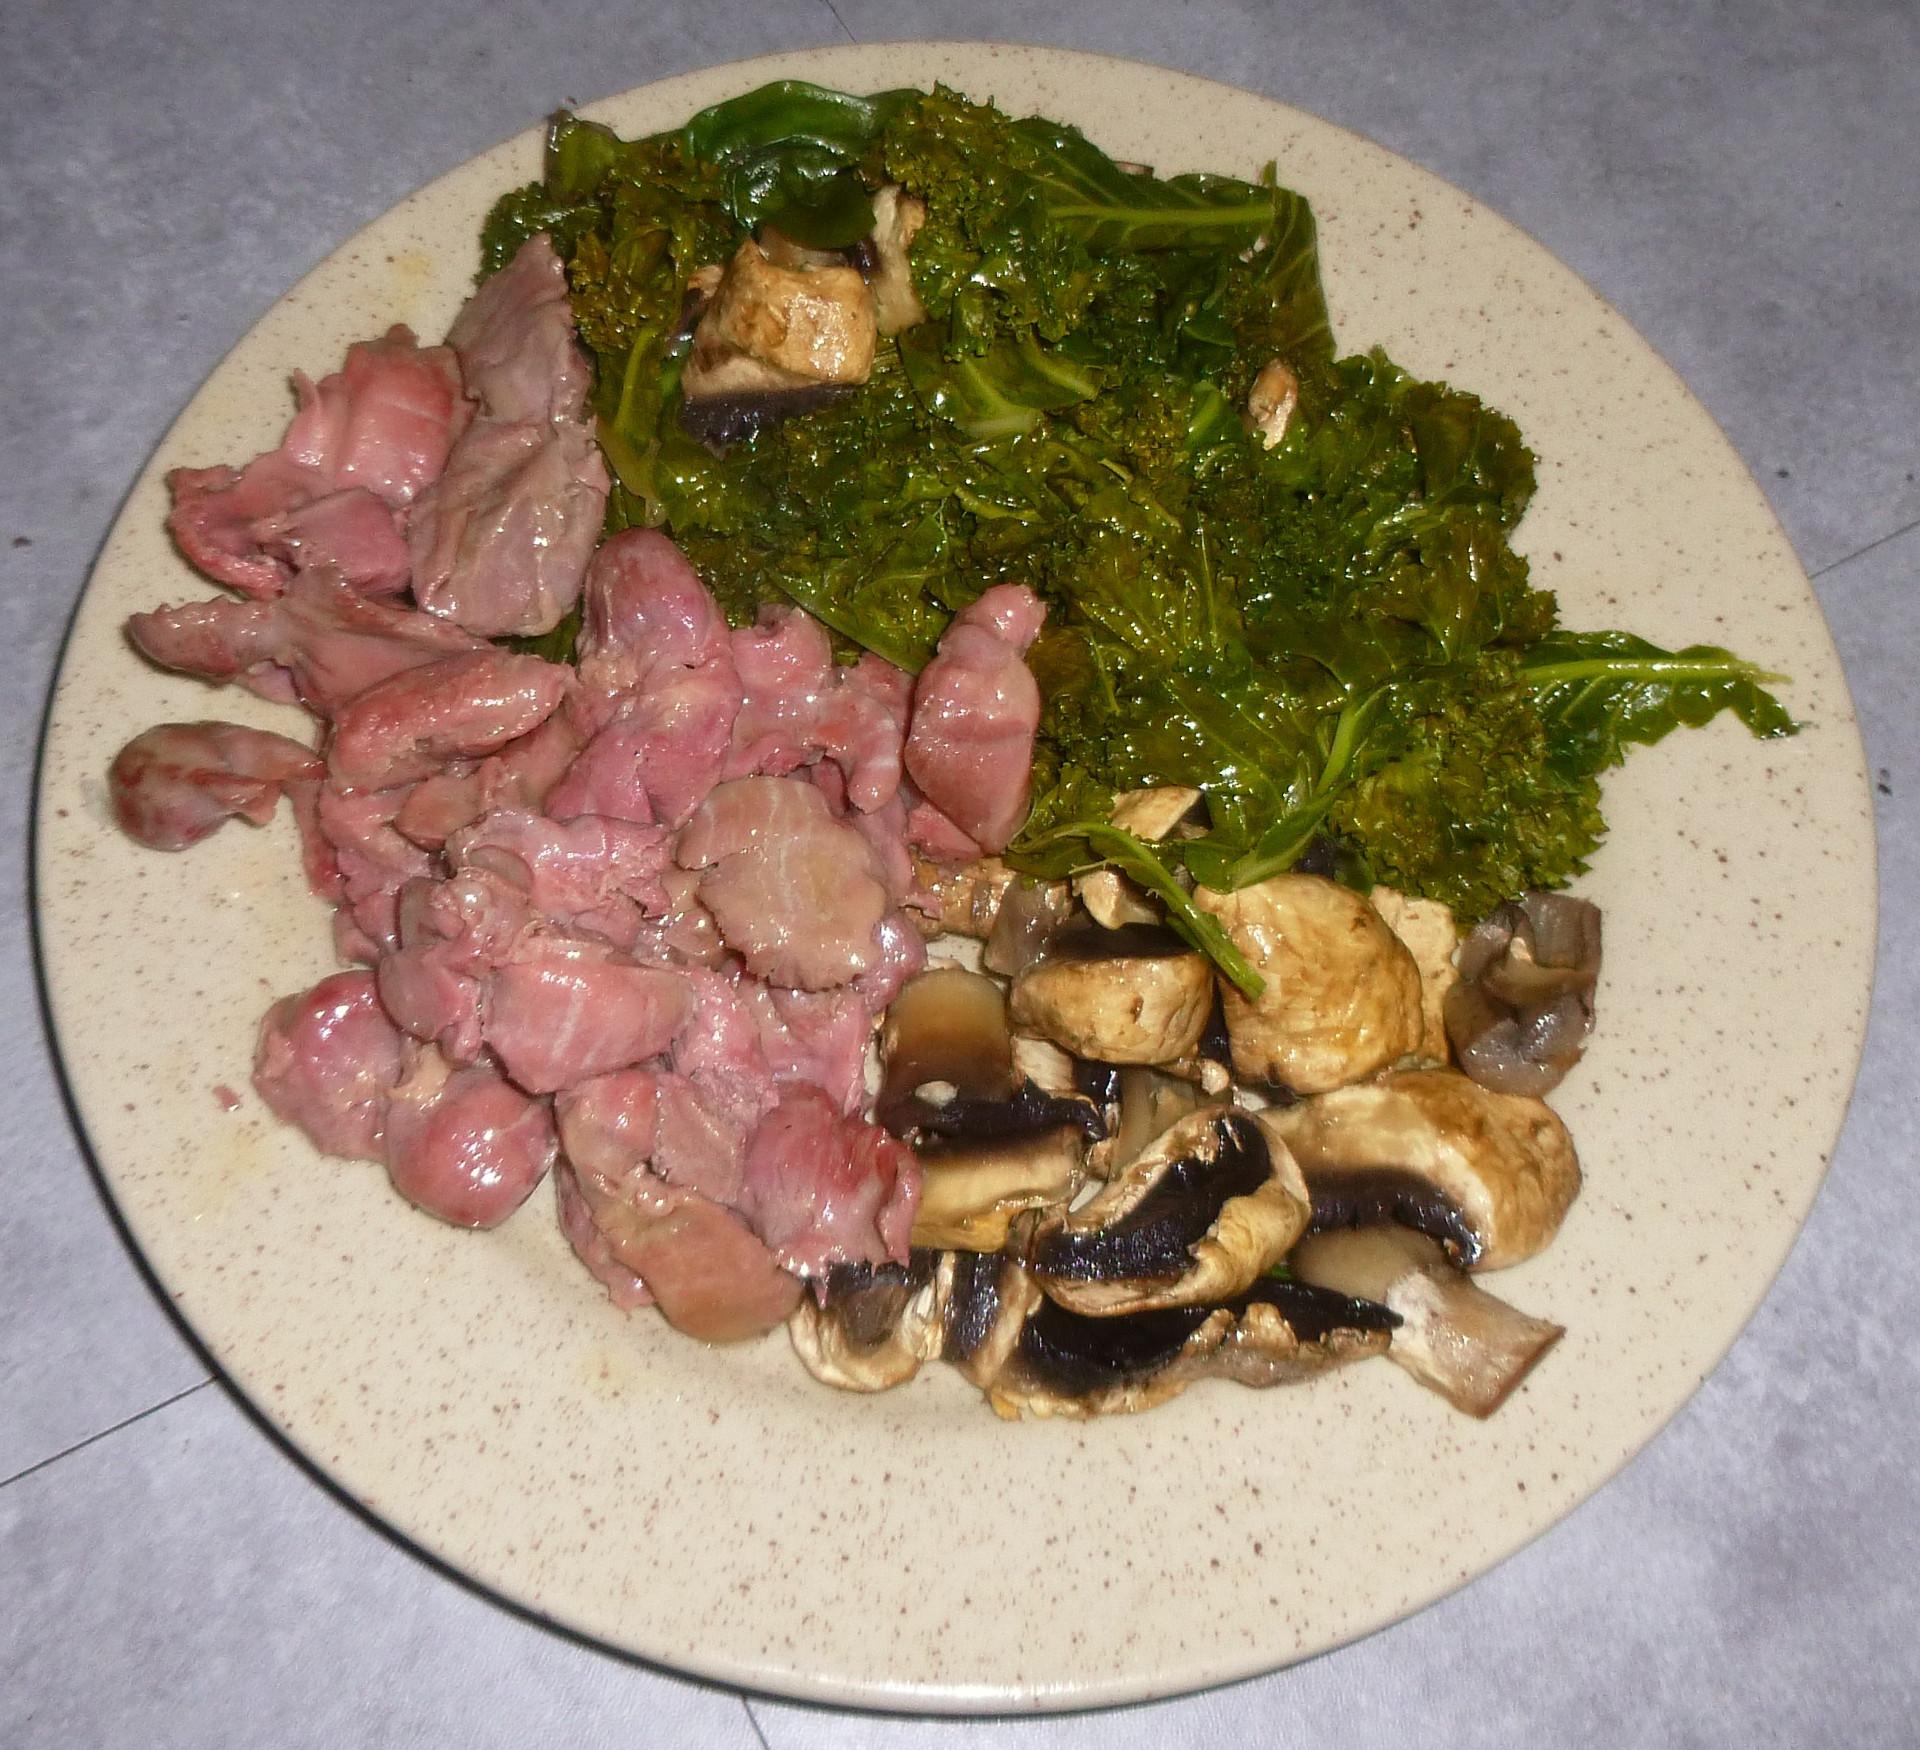 recette chou kale avec g siers de volaille et champignons musculation chez soi. Black Bedroom Furniture Sets. Home Design Ideas